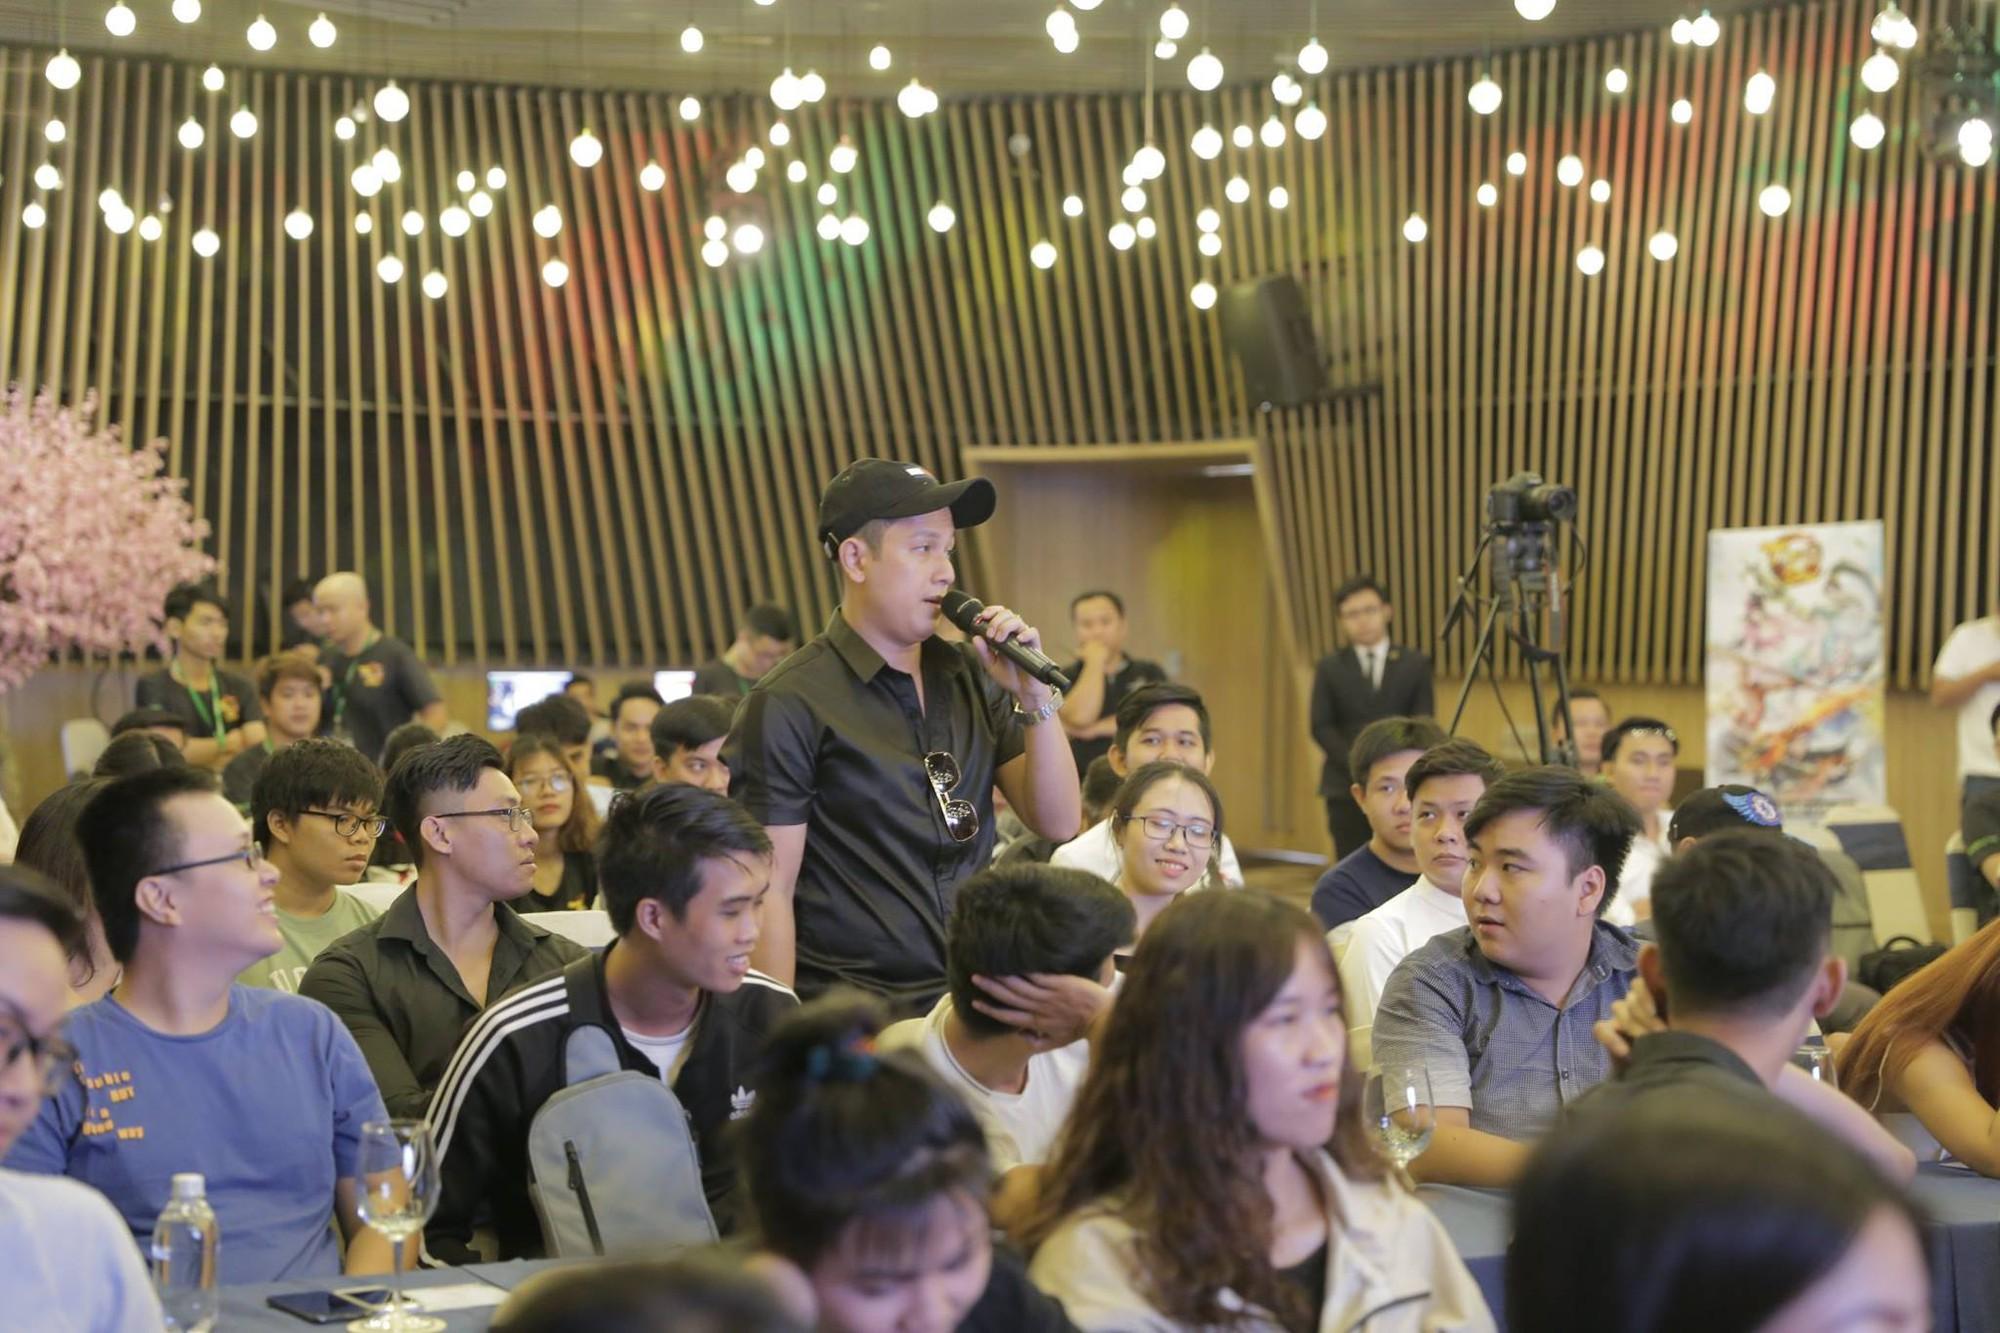 SohaGame tham vọng dẫn đầu thị trường game online Việt Nam năm 2019 với Thục Sơn Kỳ Hiệp Mobile - Ảnh 7.